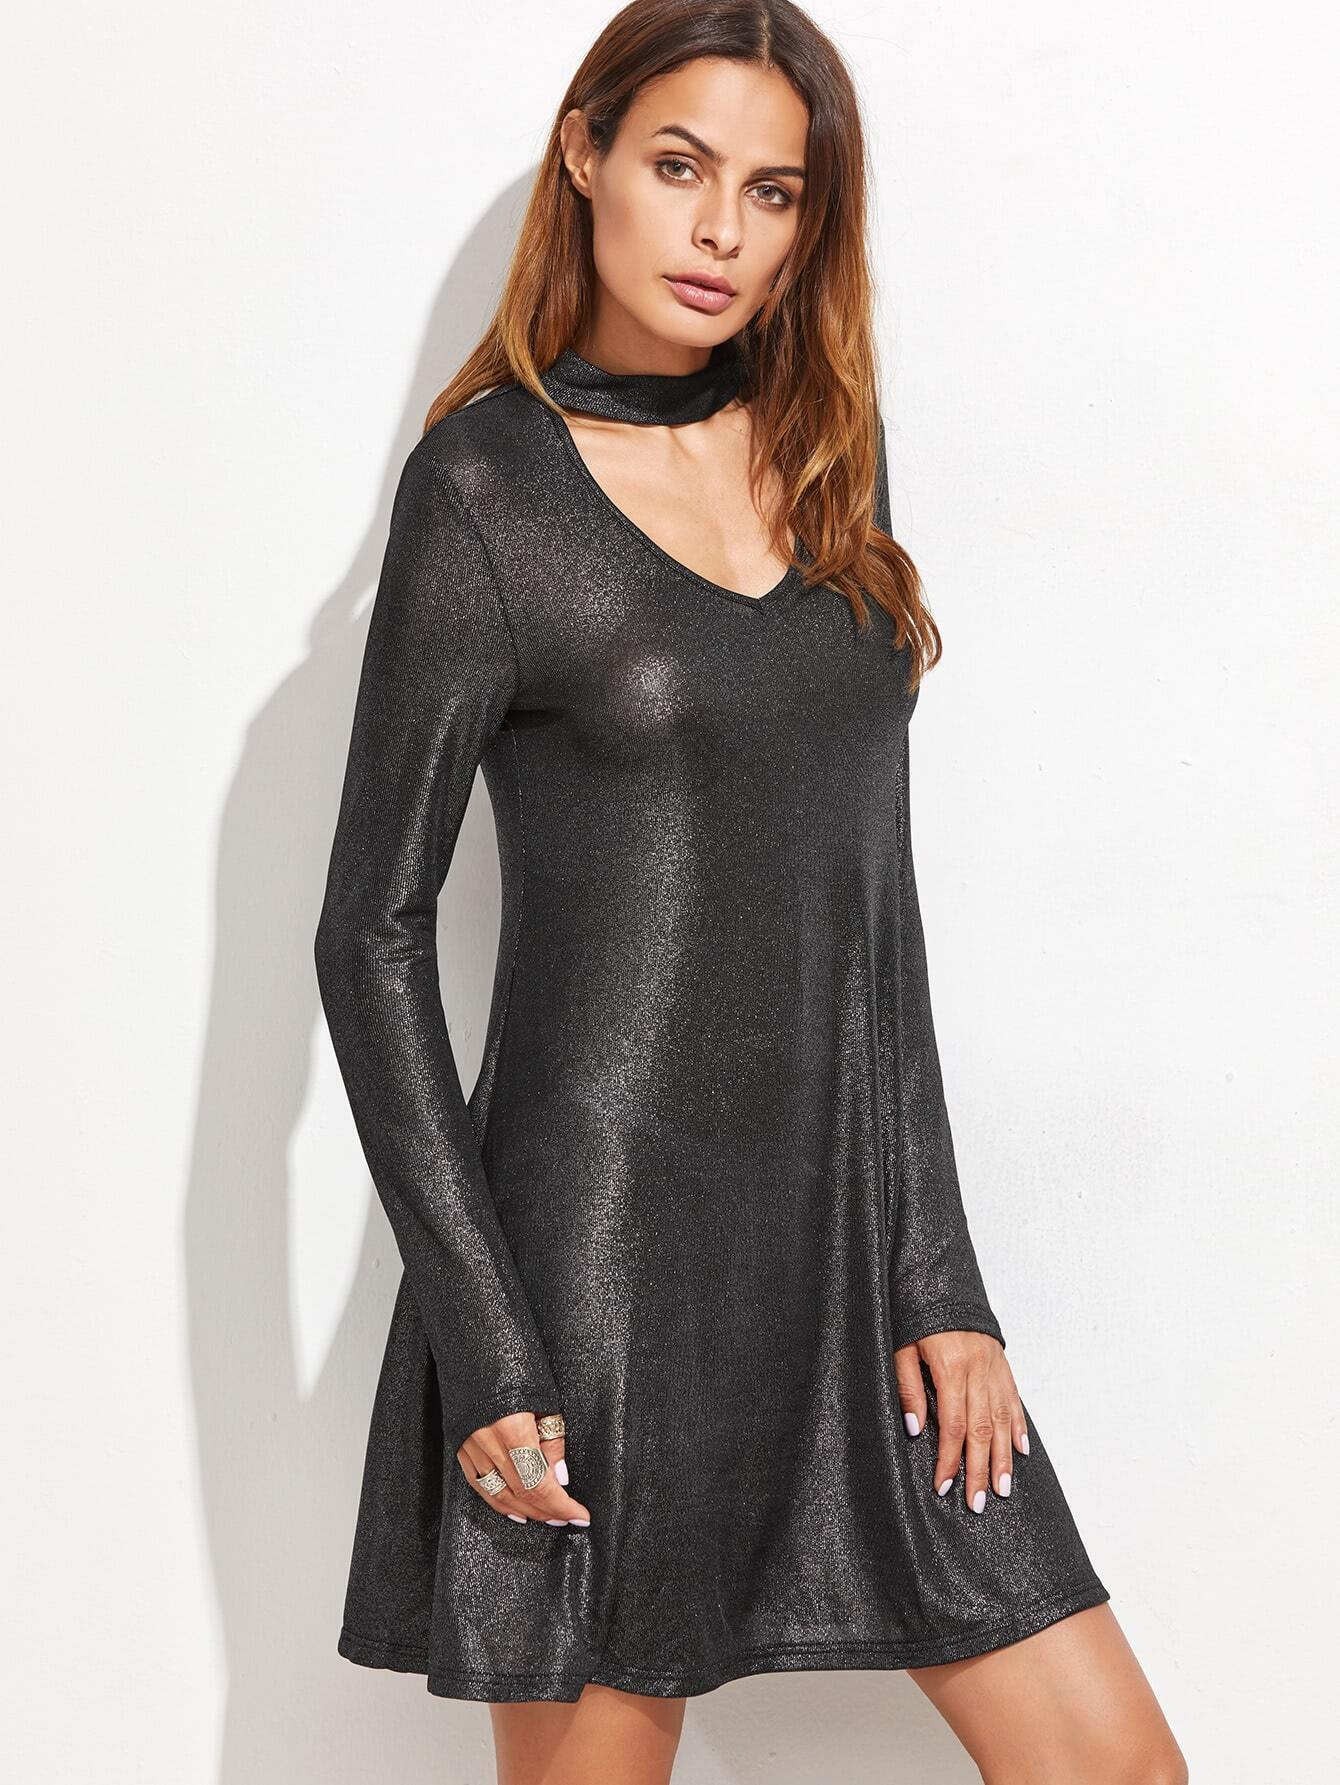 dress161021715_2